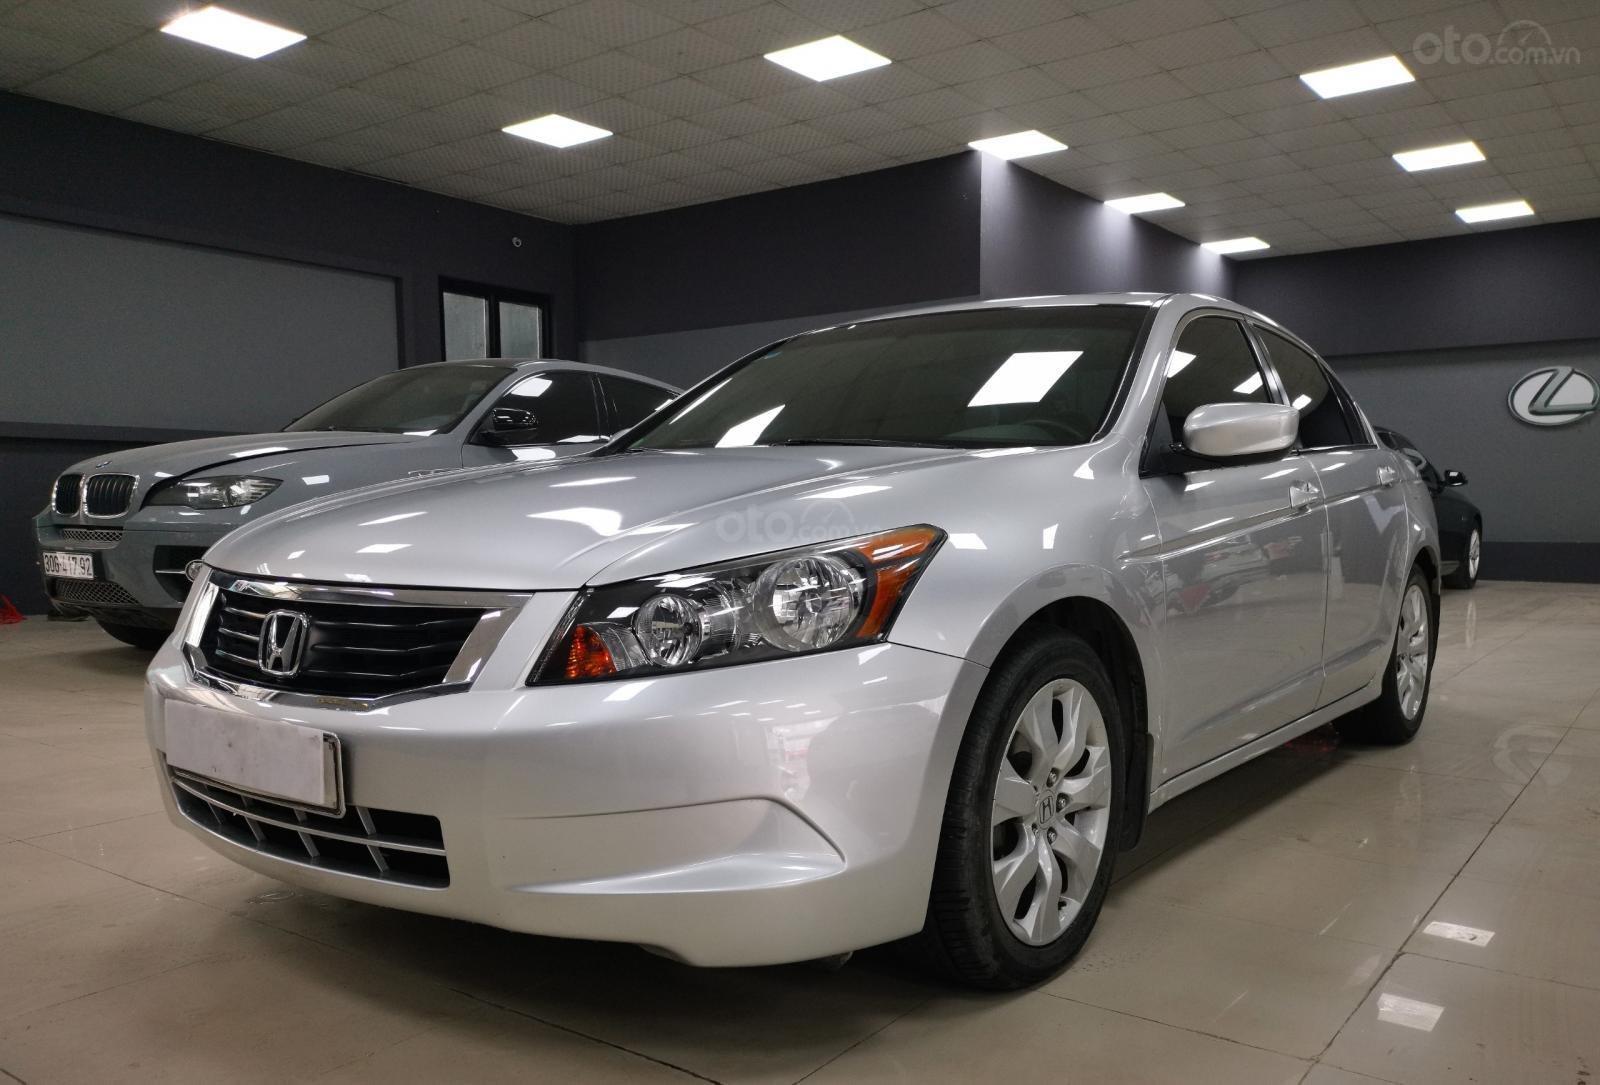 Bán nhanh với giá thấp chiếc Honda Accord sản xuất năm 2007 (3)